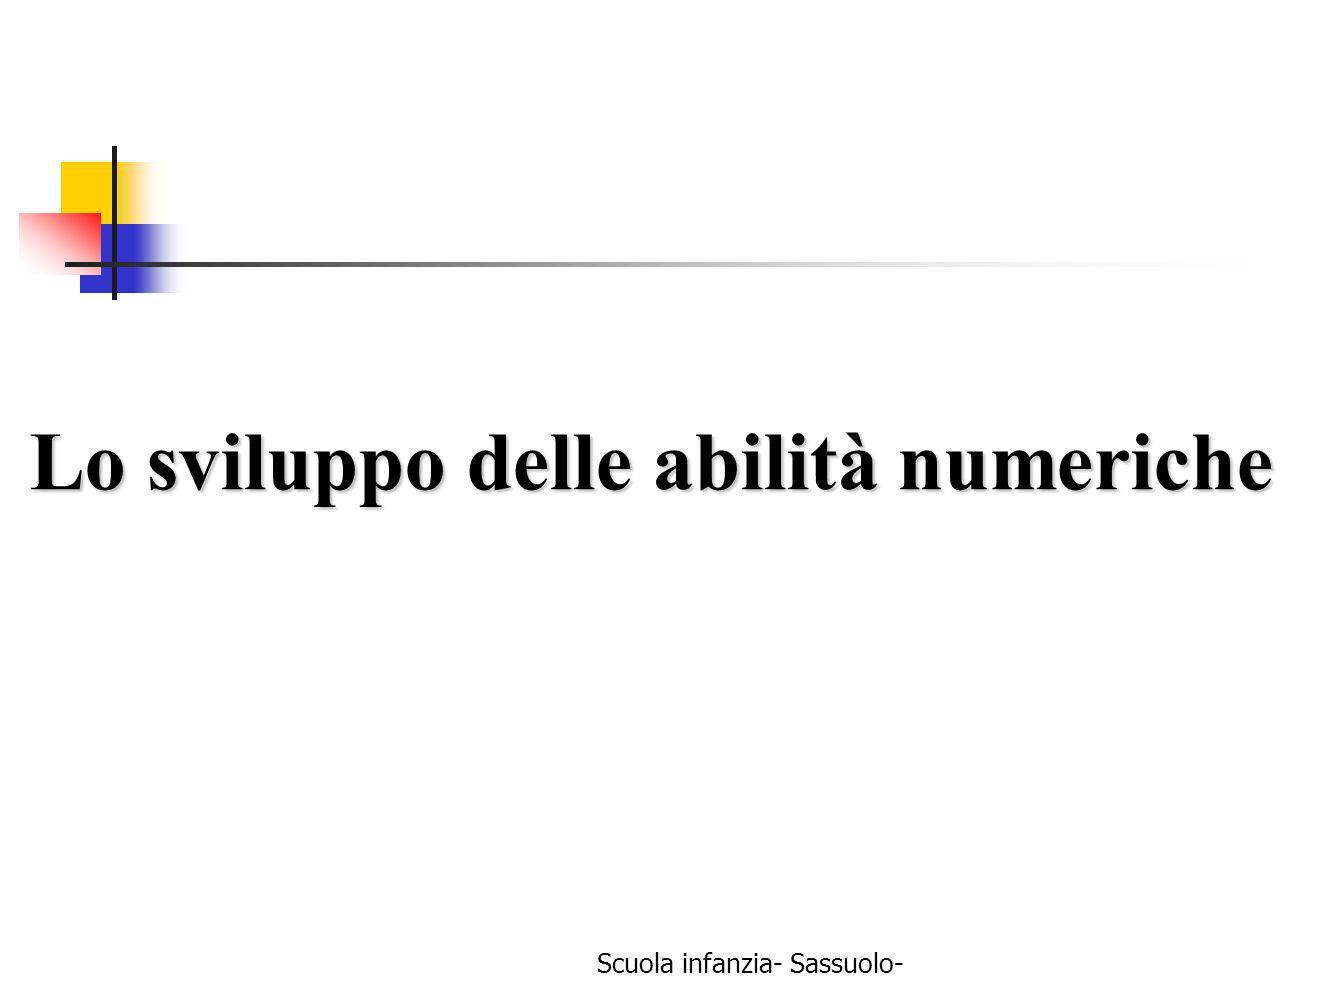 Scuola infanzia- Sassuolo- Lo sviluppo delle abilità numeriche